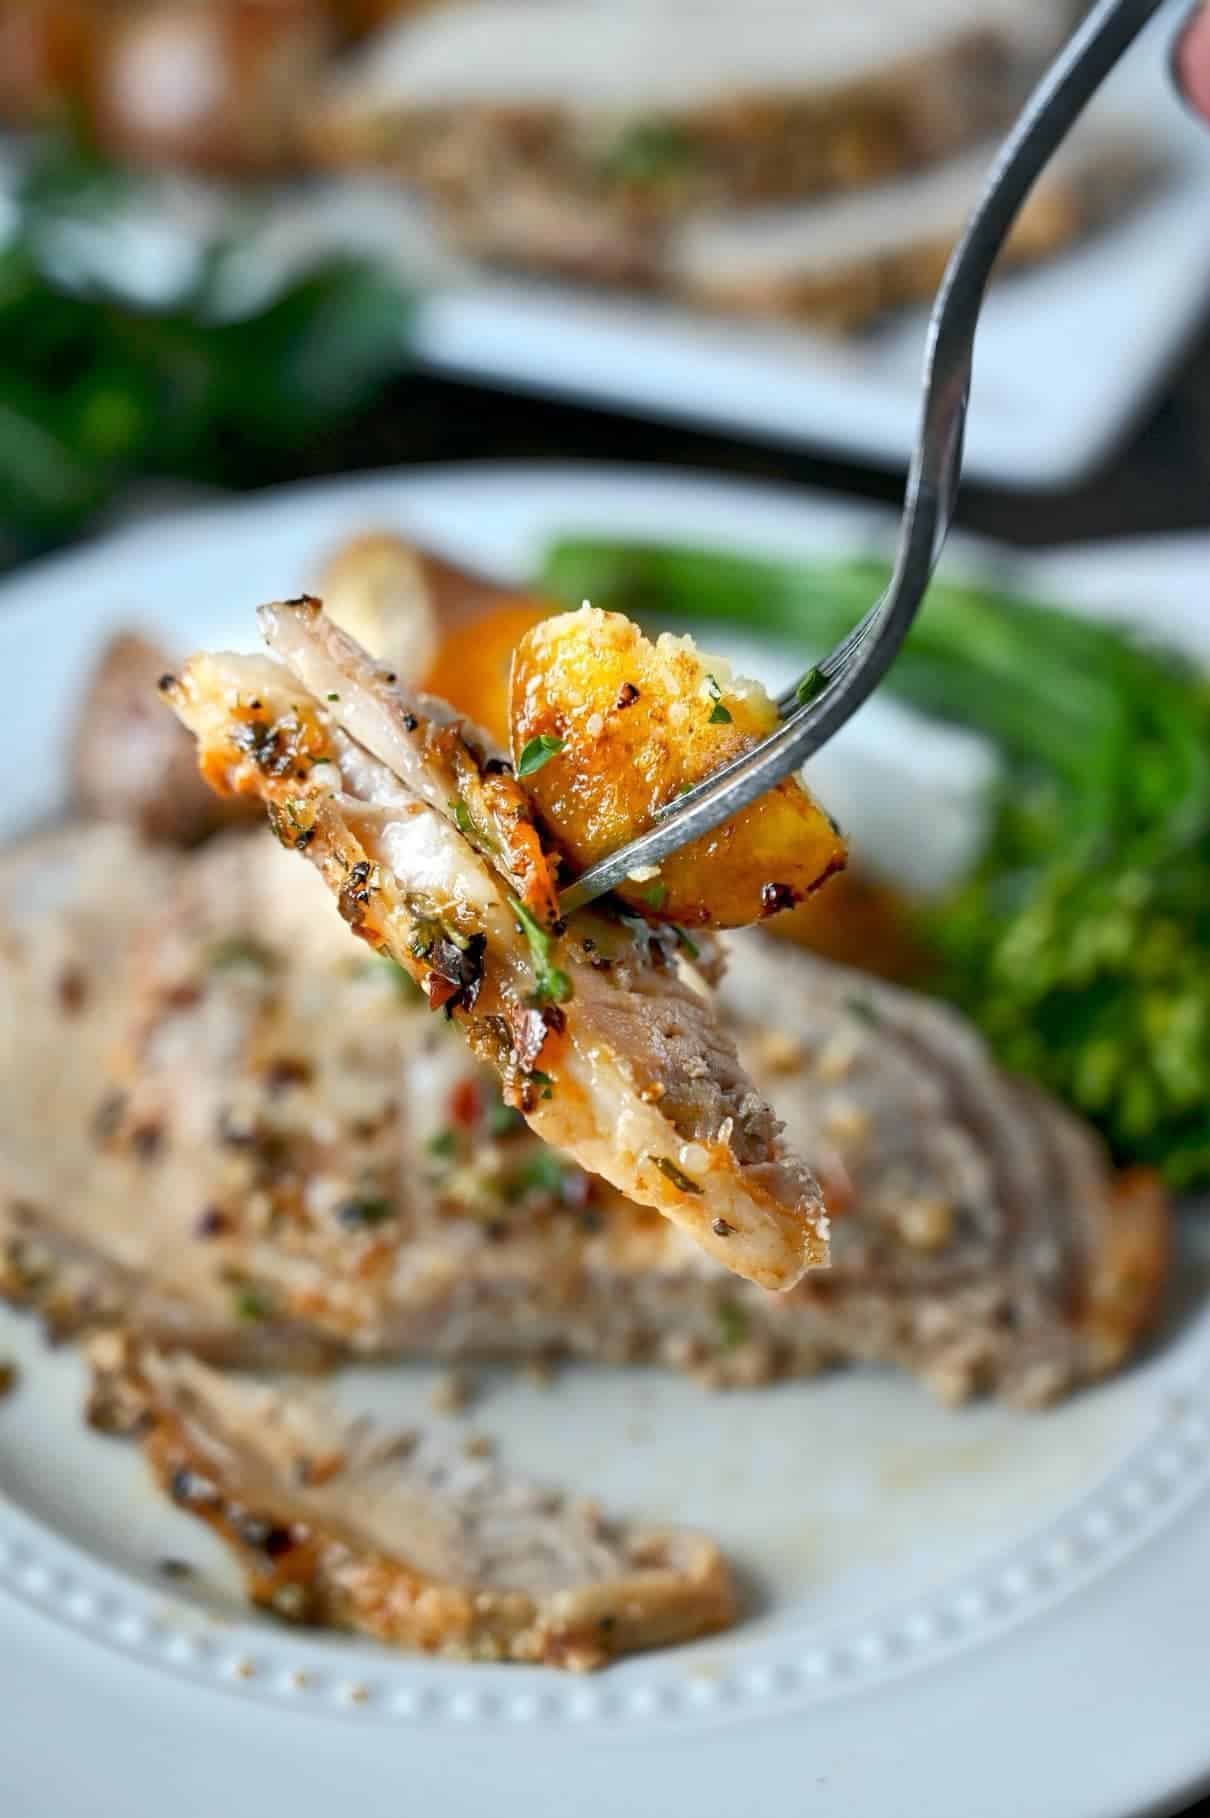 O furculiță care ridică o bucată de porc și cartofi.